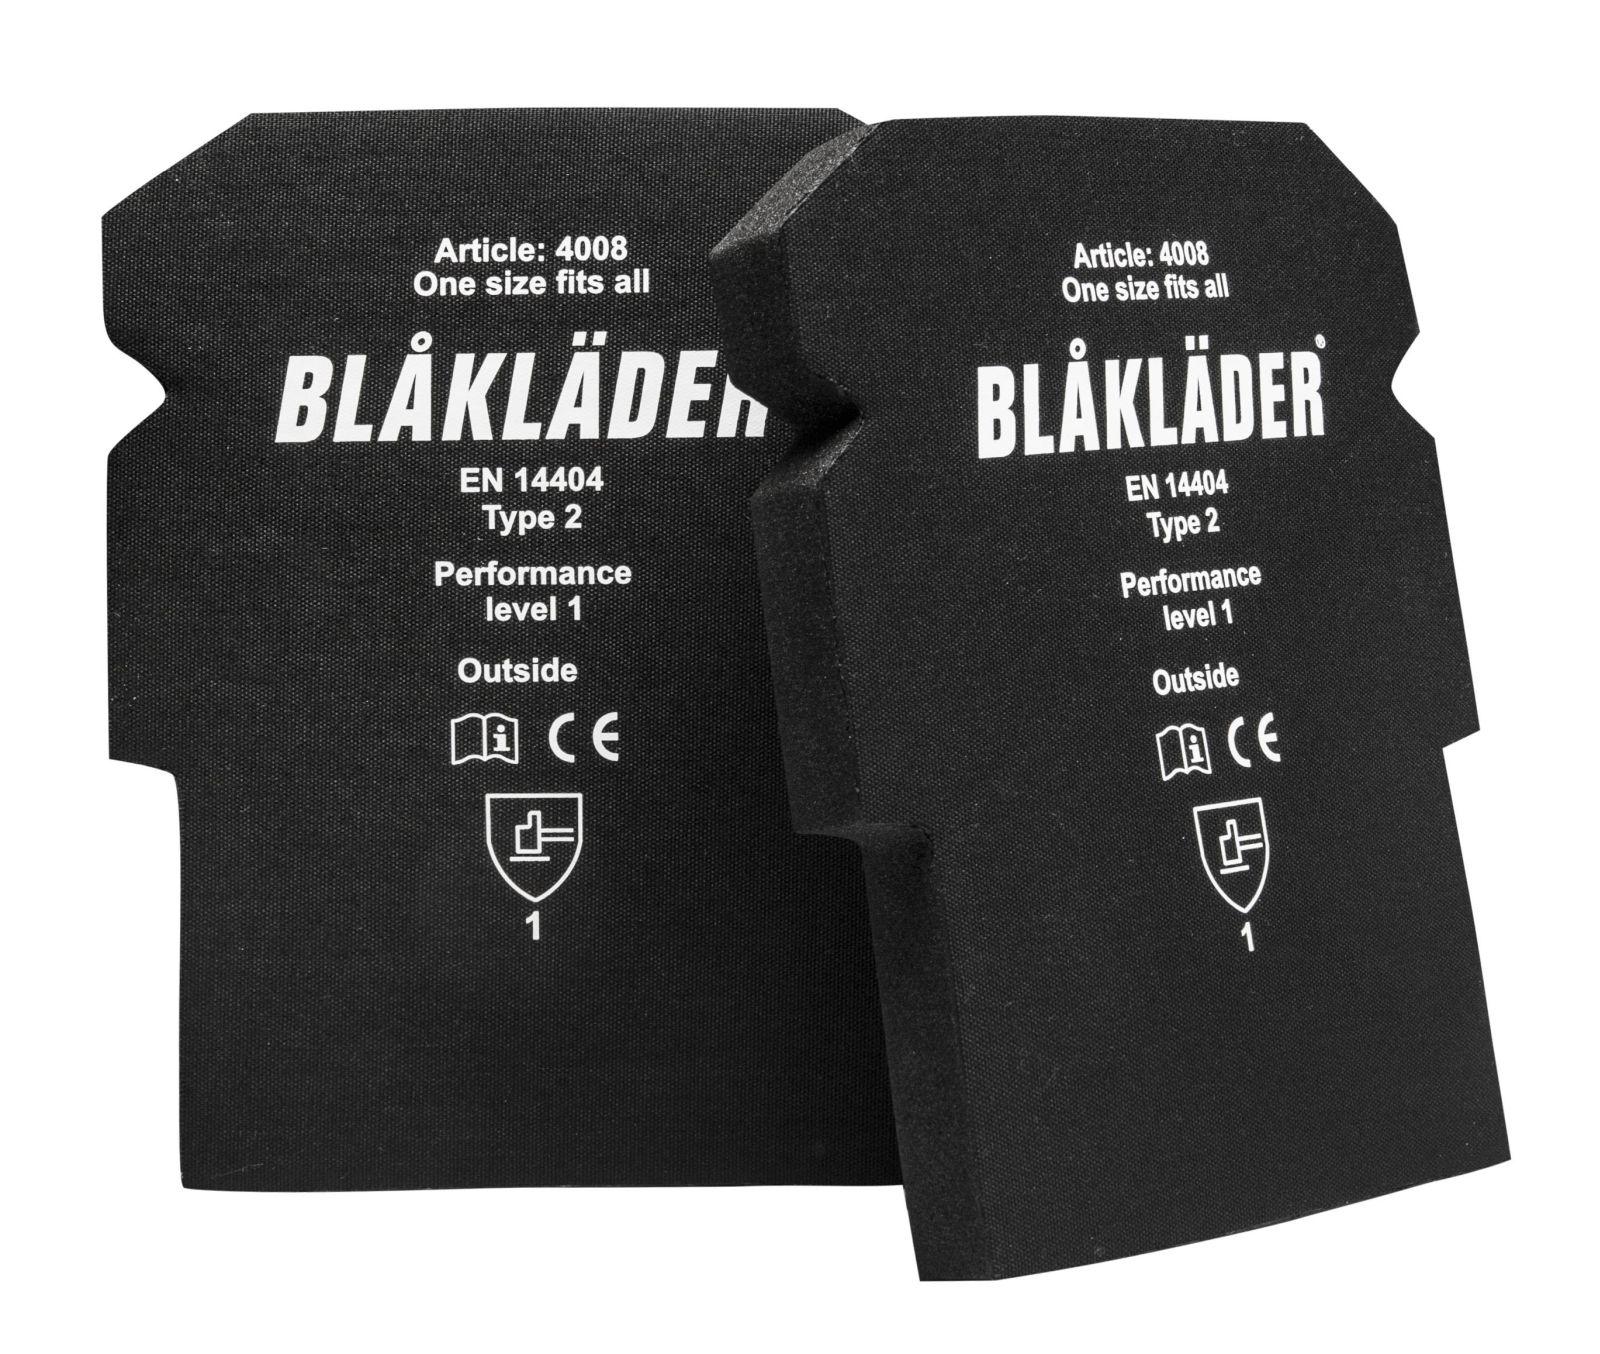 Blaklader Kniekussens 40081015 zwart(9900)